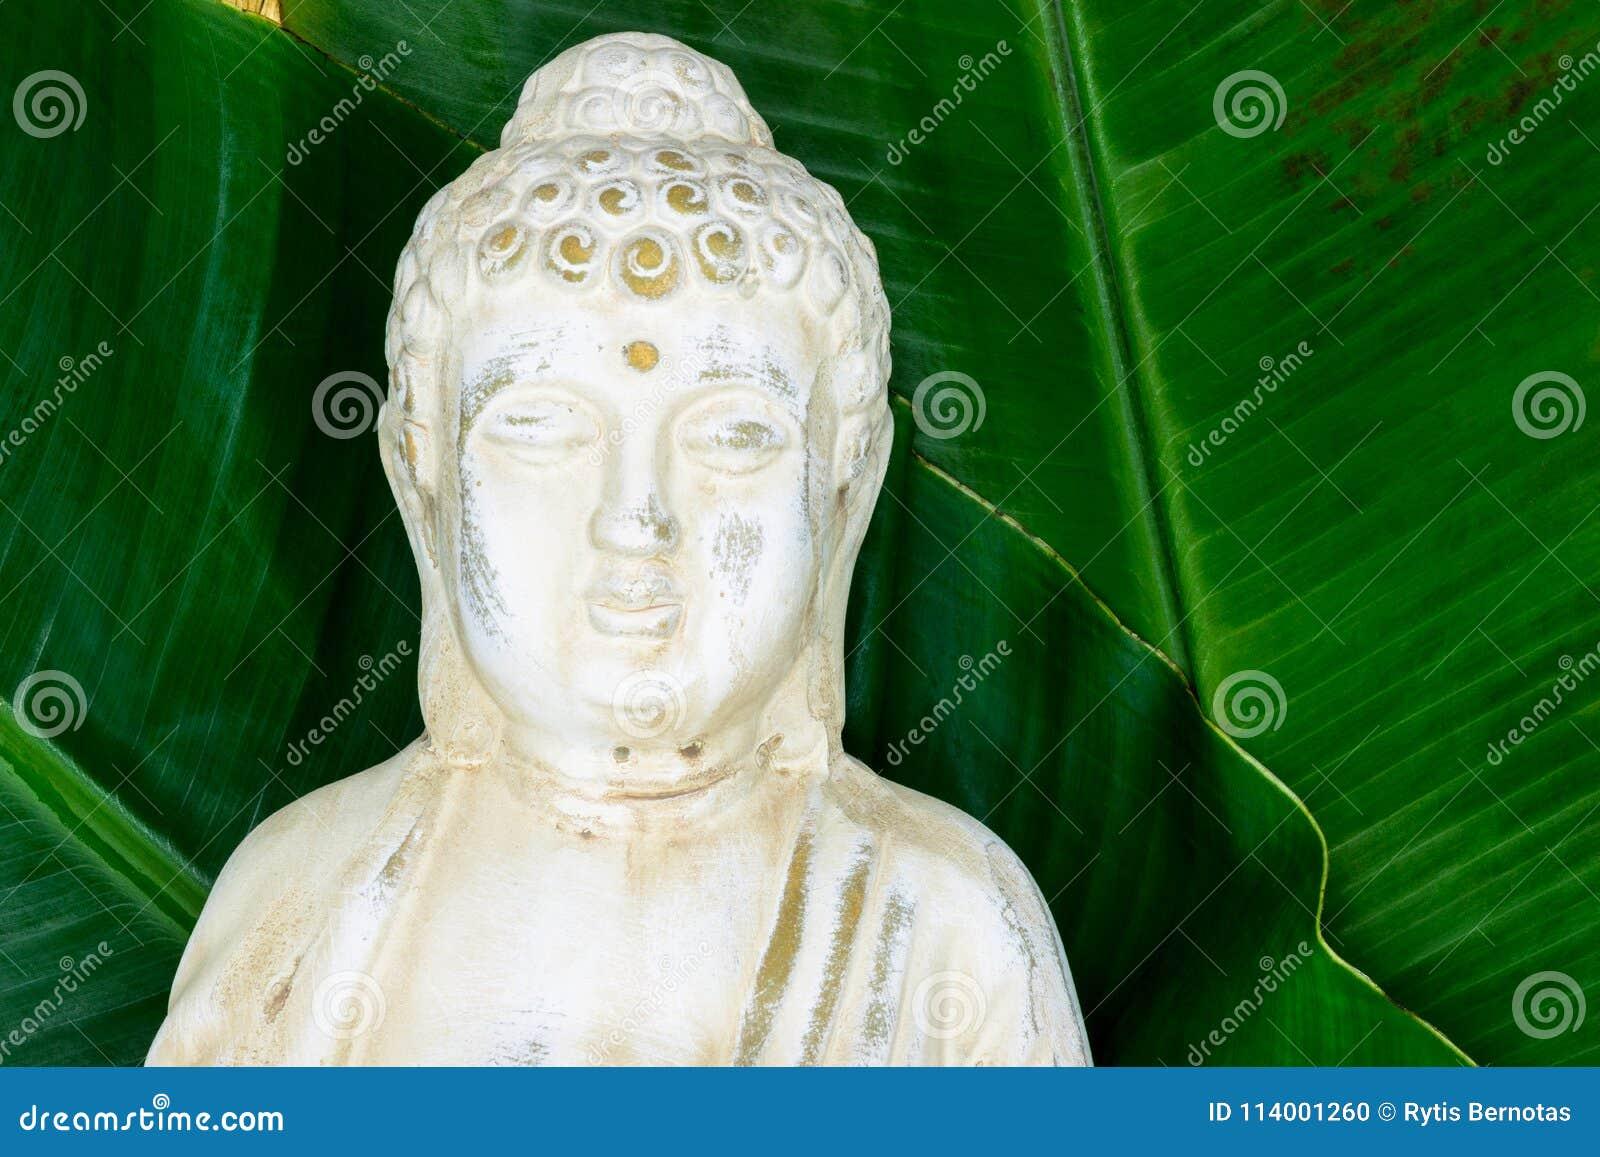 Πορτρέτο του αγάλματος του Βούδα με τα φρέσκα πράσινα φύλλα μπανανών στην επιφάνεια υποβάθρου με ελεύθερου χώρου